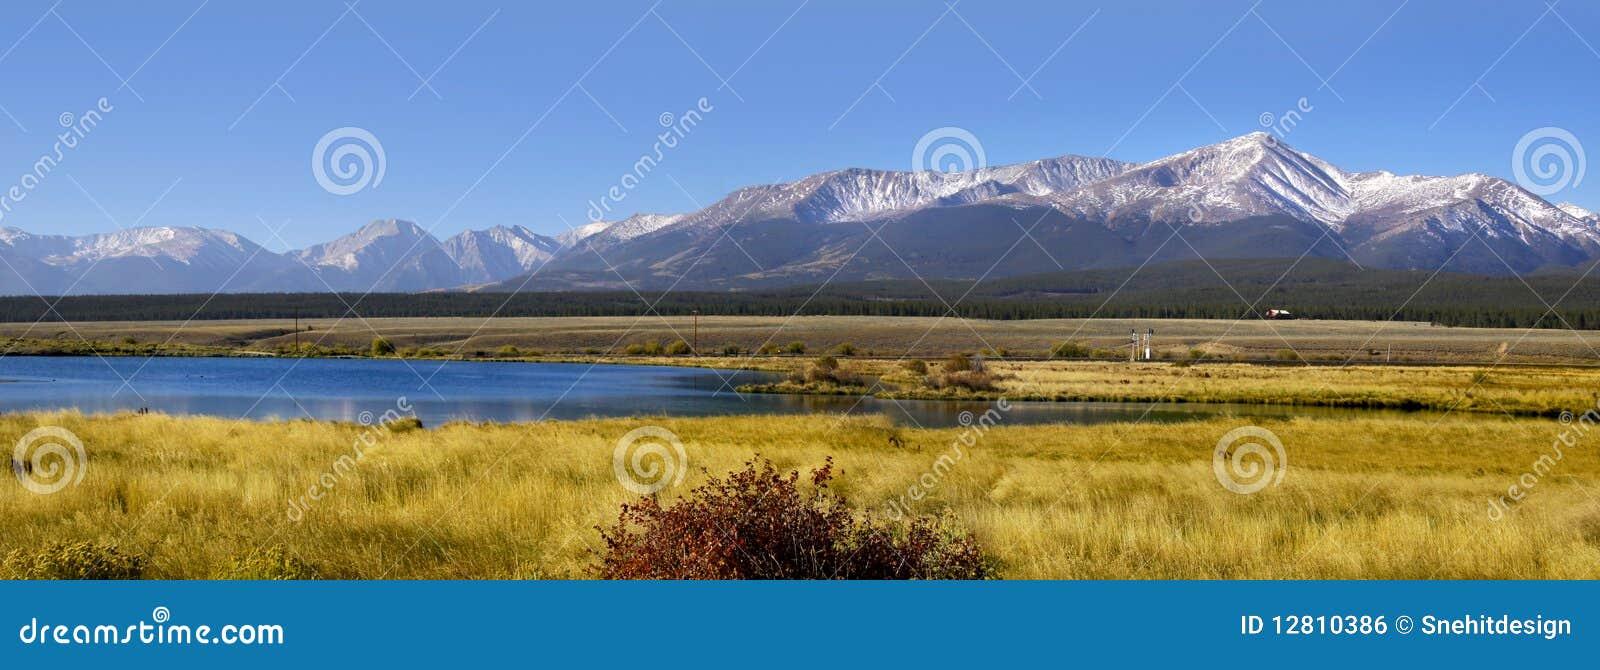 Paisaje de Colorado